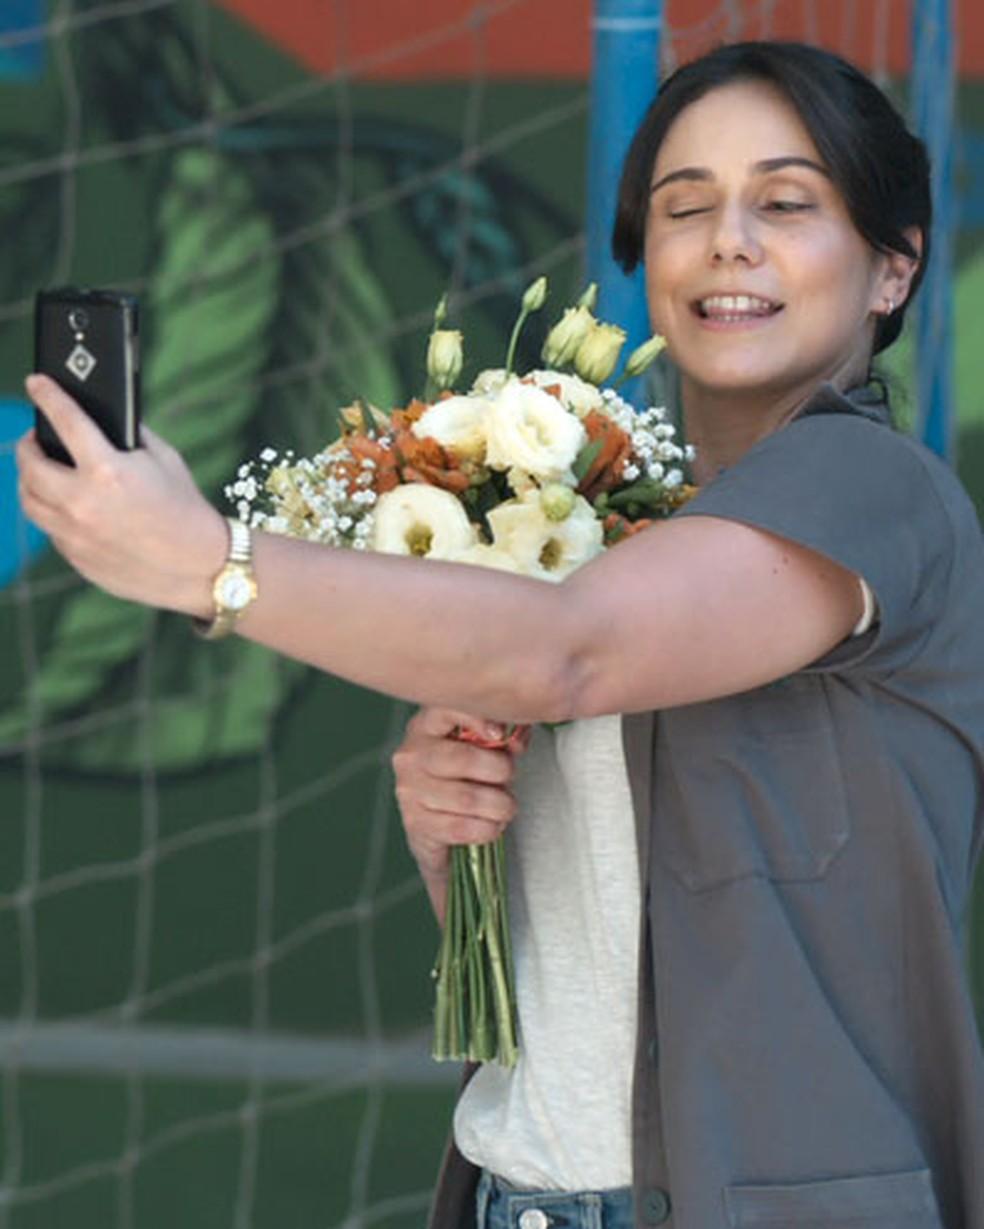 Josefina (Aline Fanju) recebe flores de Roney (Lucio Mauro FIlho) em 'Malhação - Viva a Diferença' — Foto: Globo